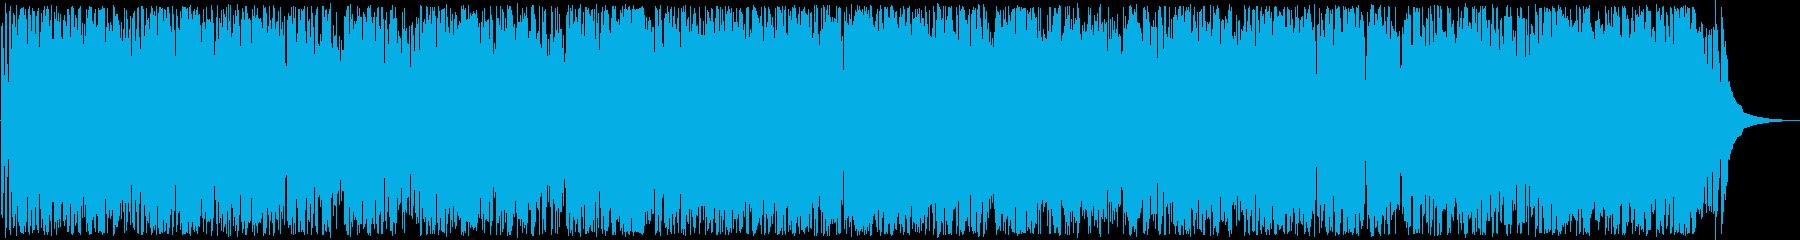 華やかな管楽器やサックスなどのサウンドの再生済みの波形